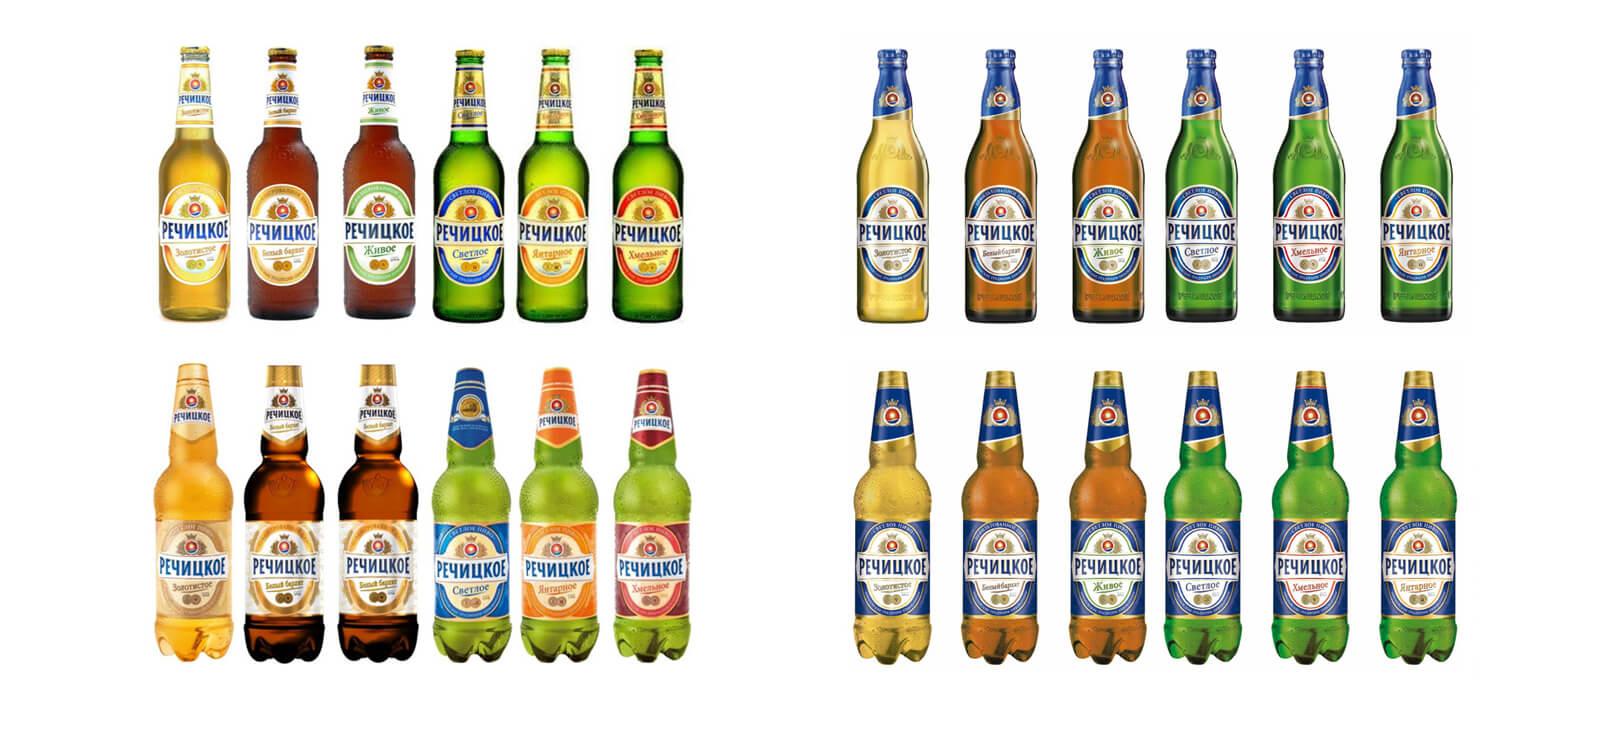 Речицкое пиво